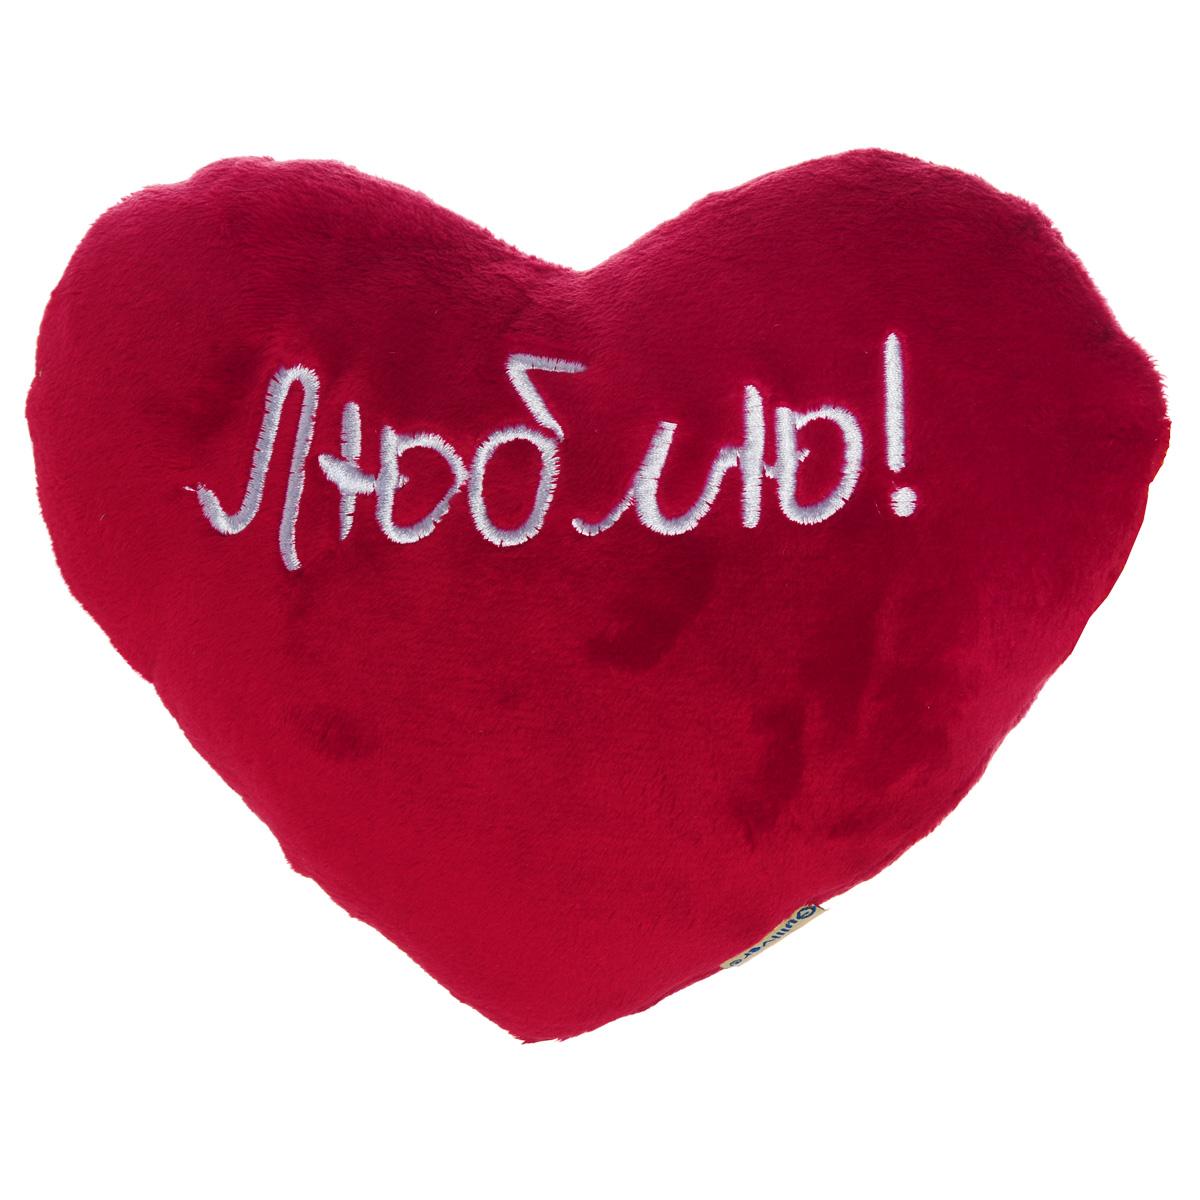 Мягкая игрушка Gulliver Сердце, цвет: красный, 20 см7-48689